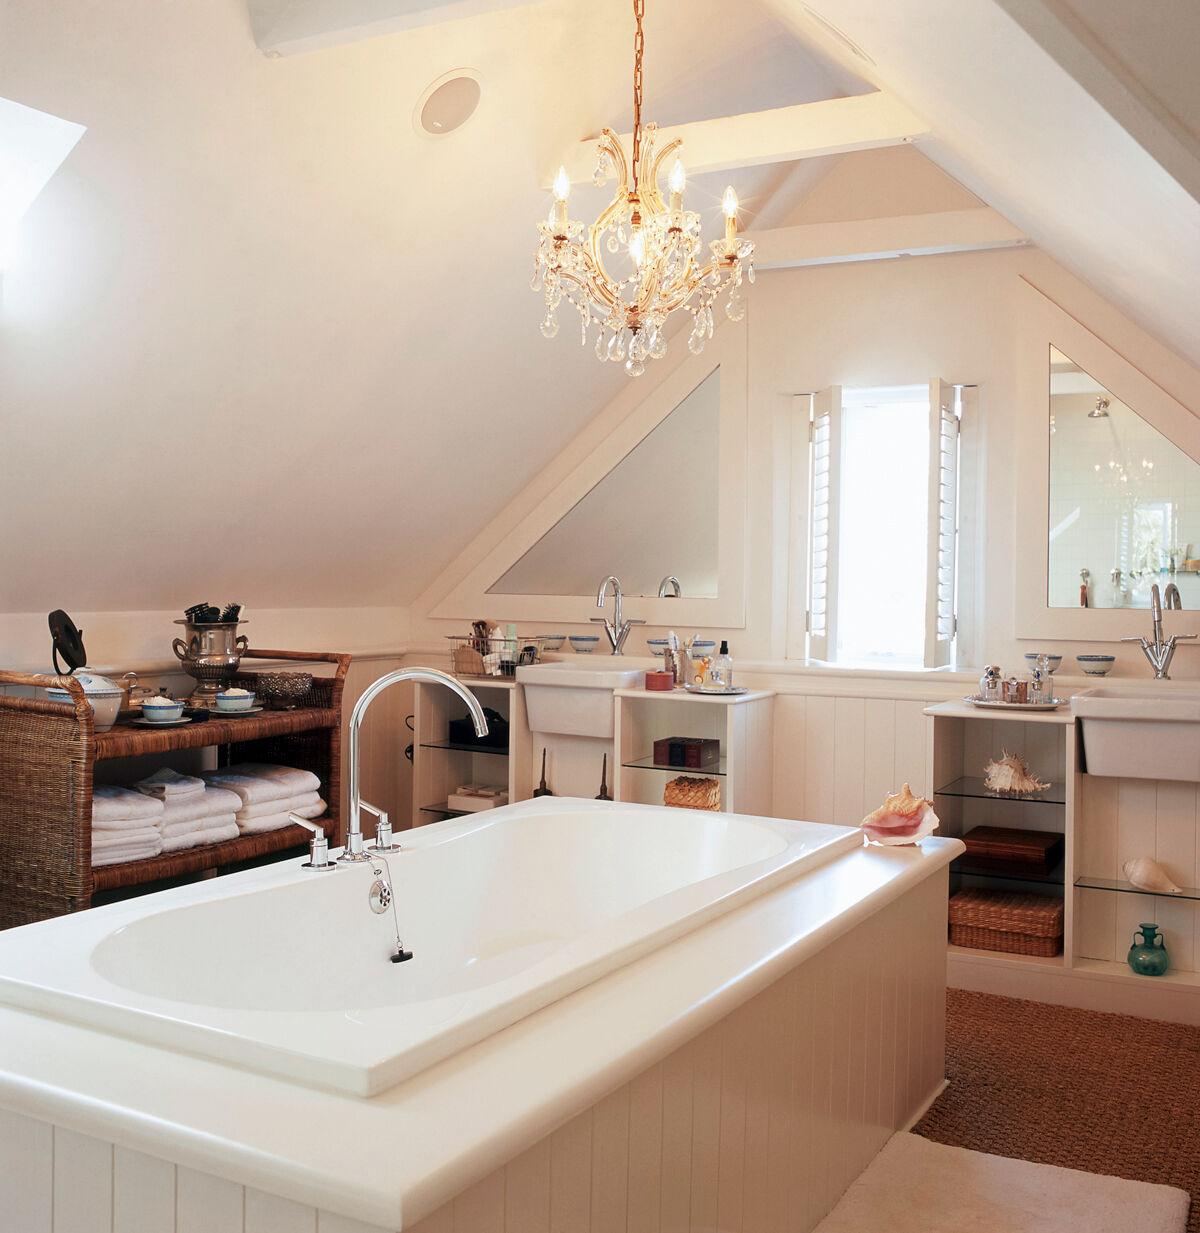 Ein Bad zum Relaxen  Zuhausewohnen